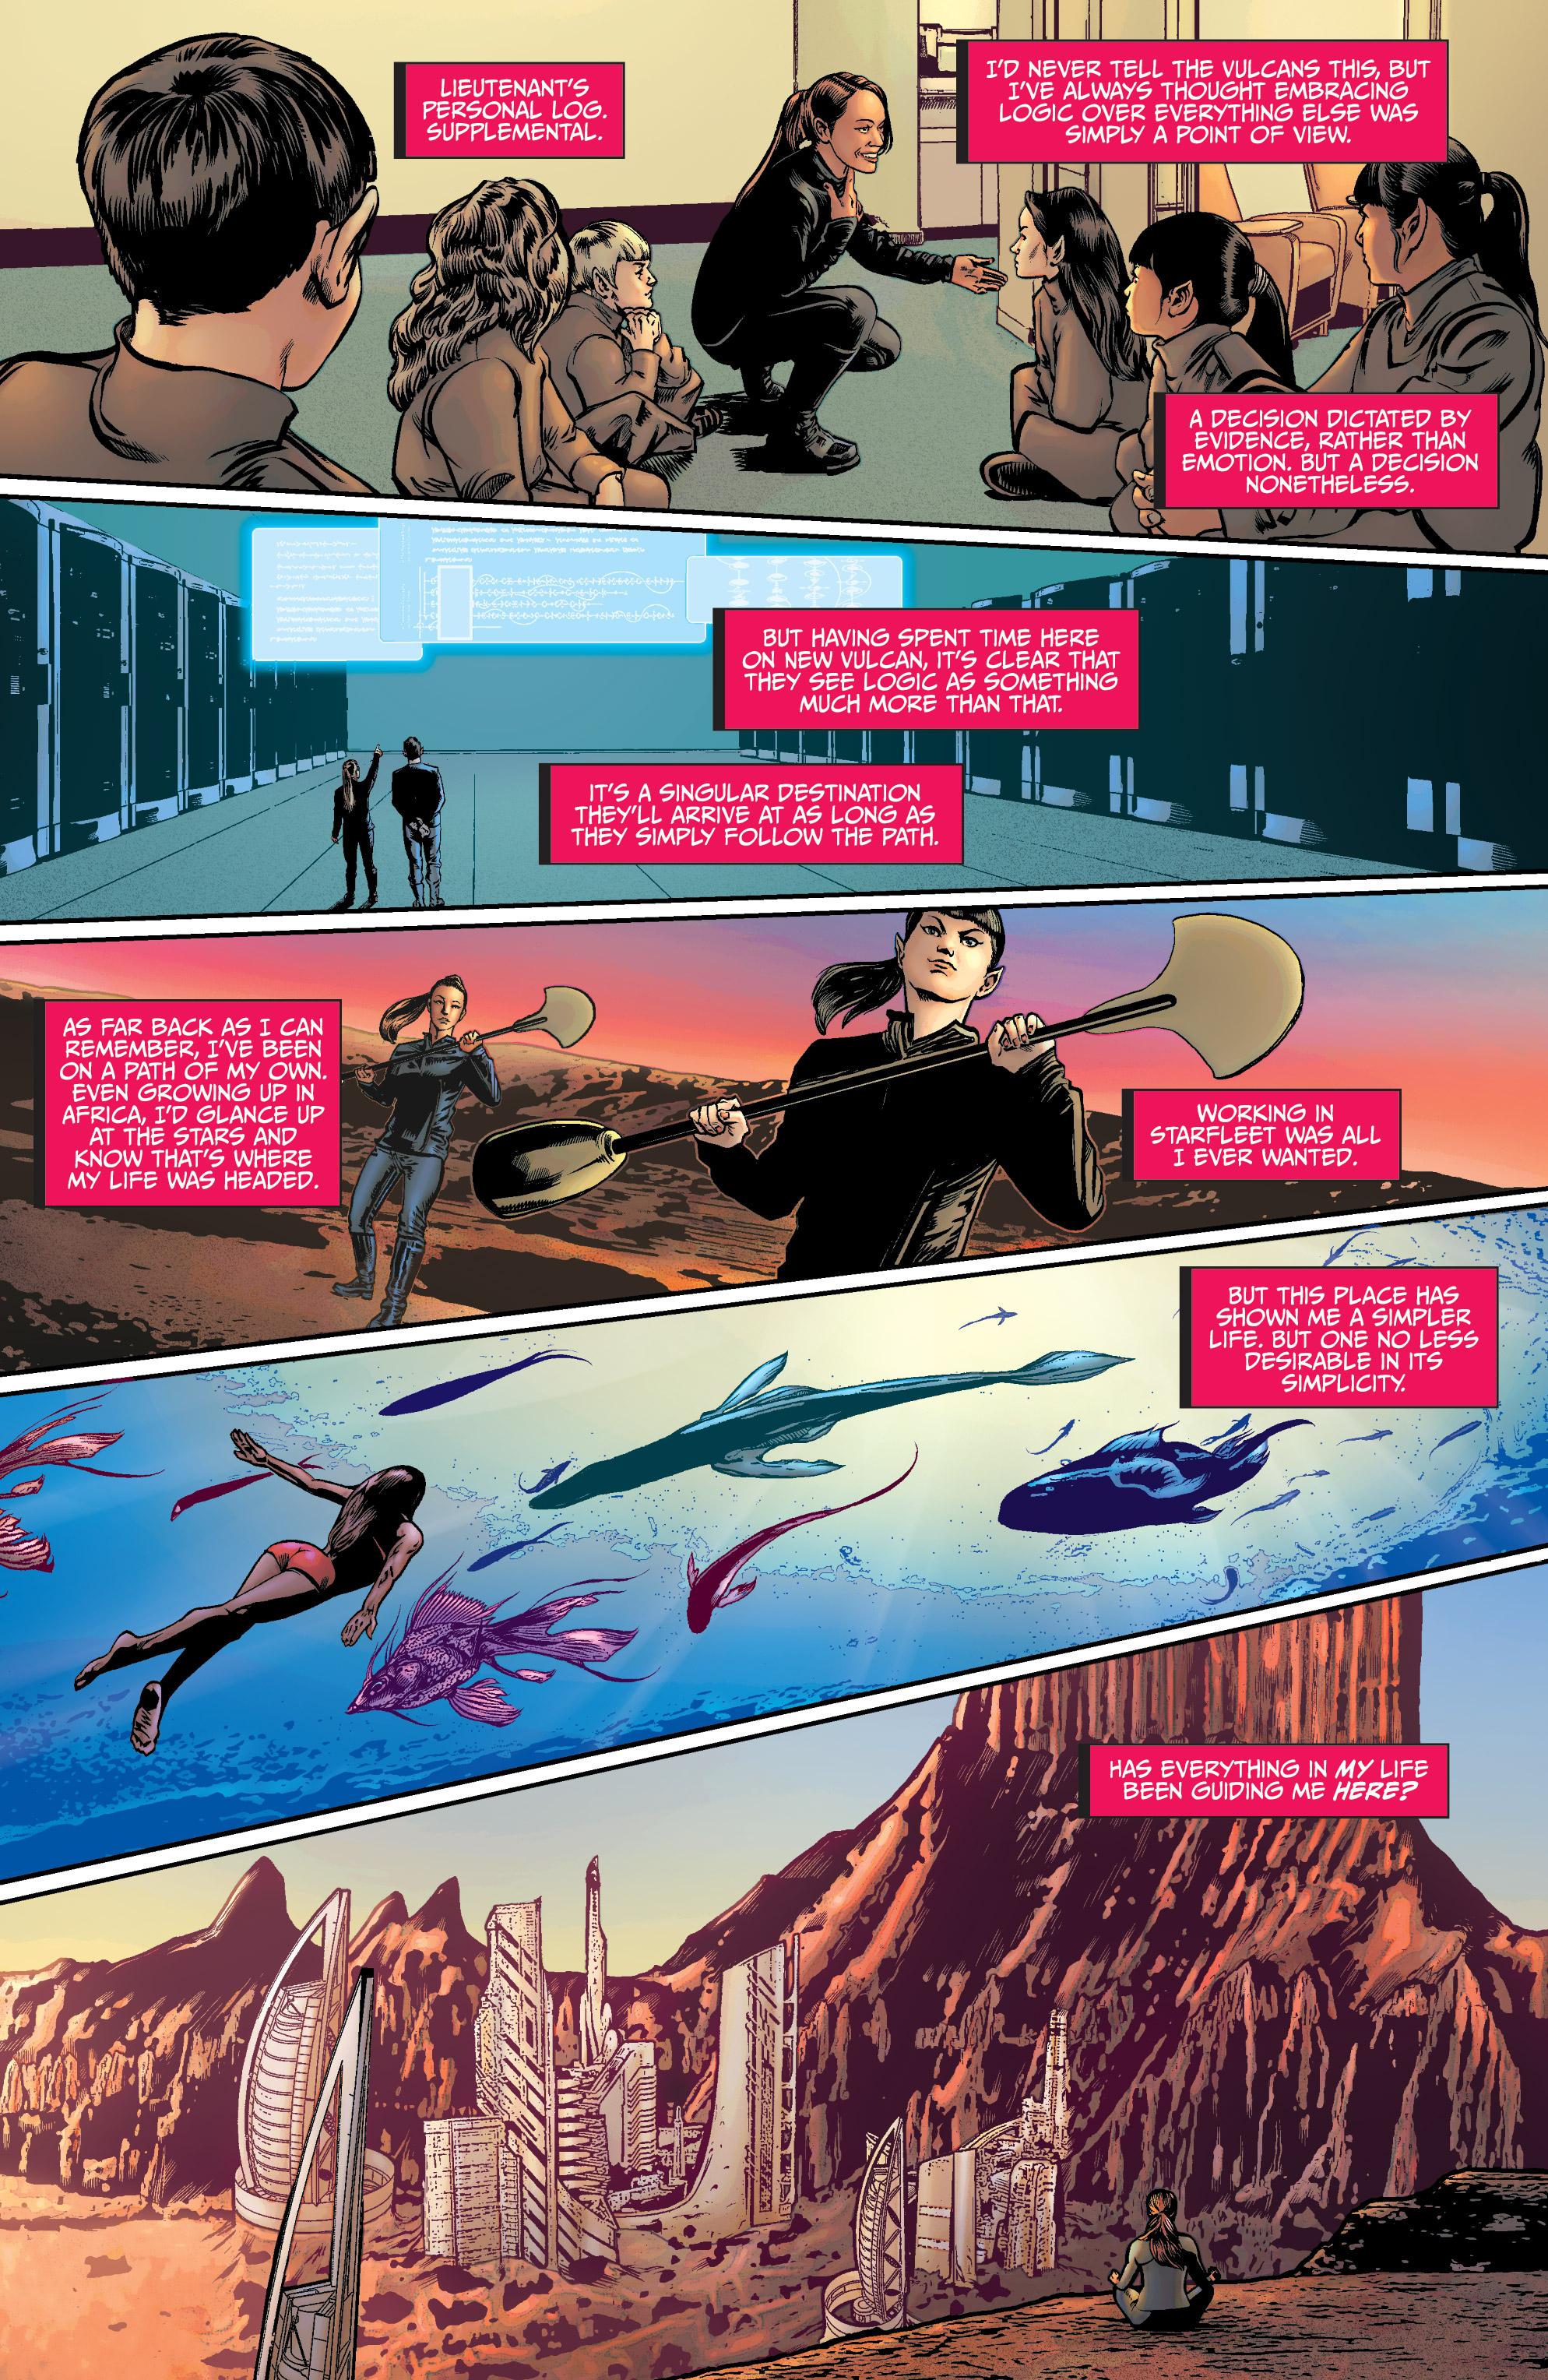 Read online Star Trek: Boldly Go comic -  Issue #9 - 6